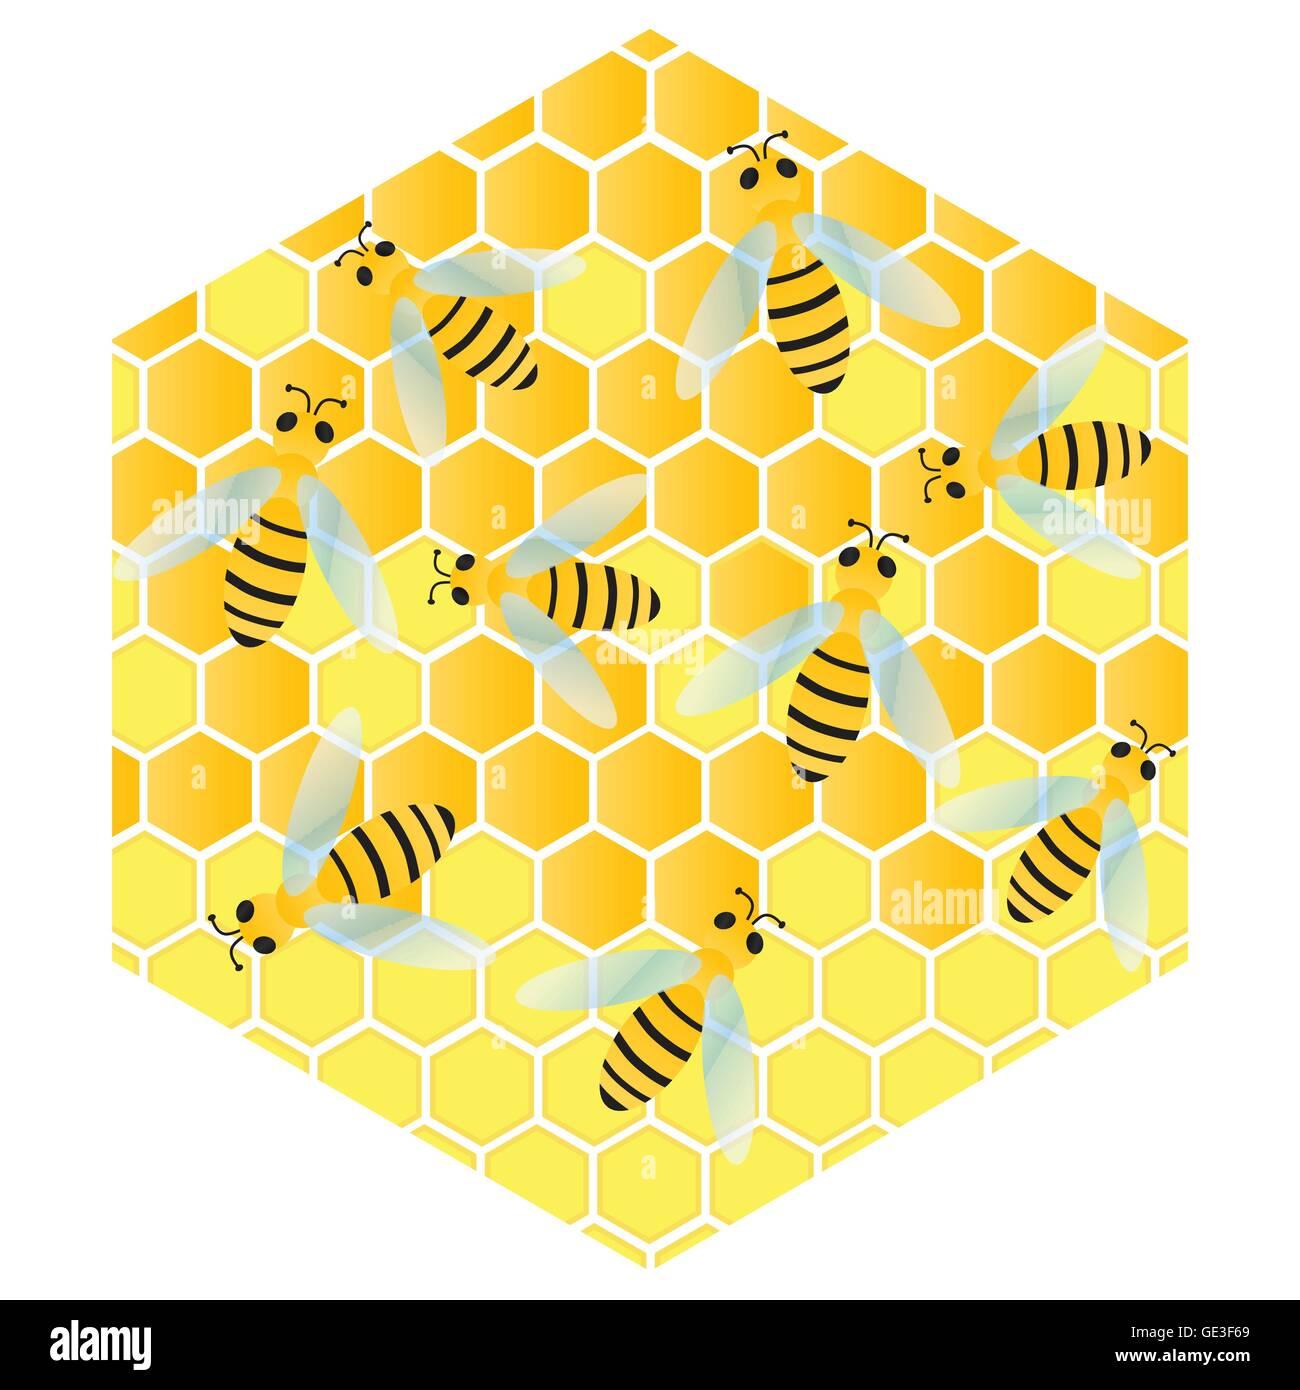 Las abejas y los panales de cera vector ilustración de fondo de celda Imagen De Stock